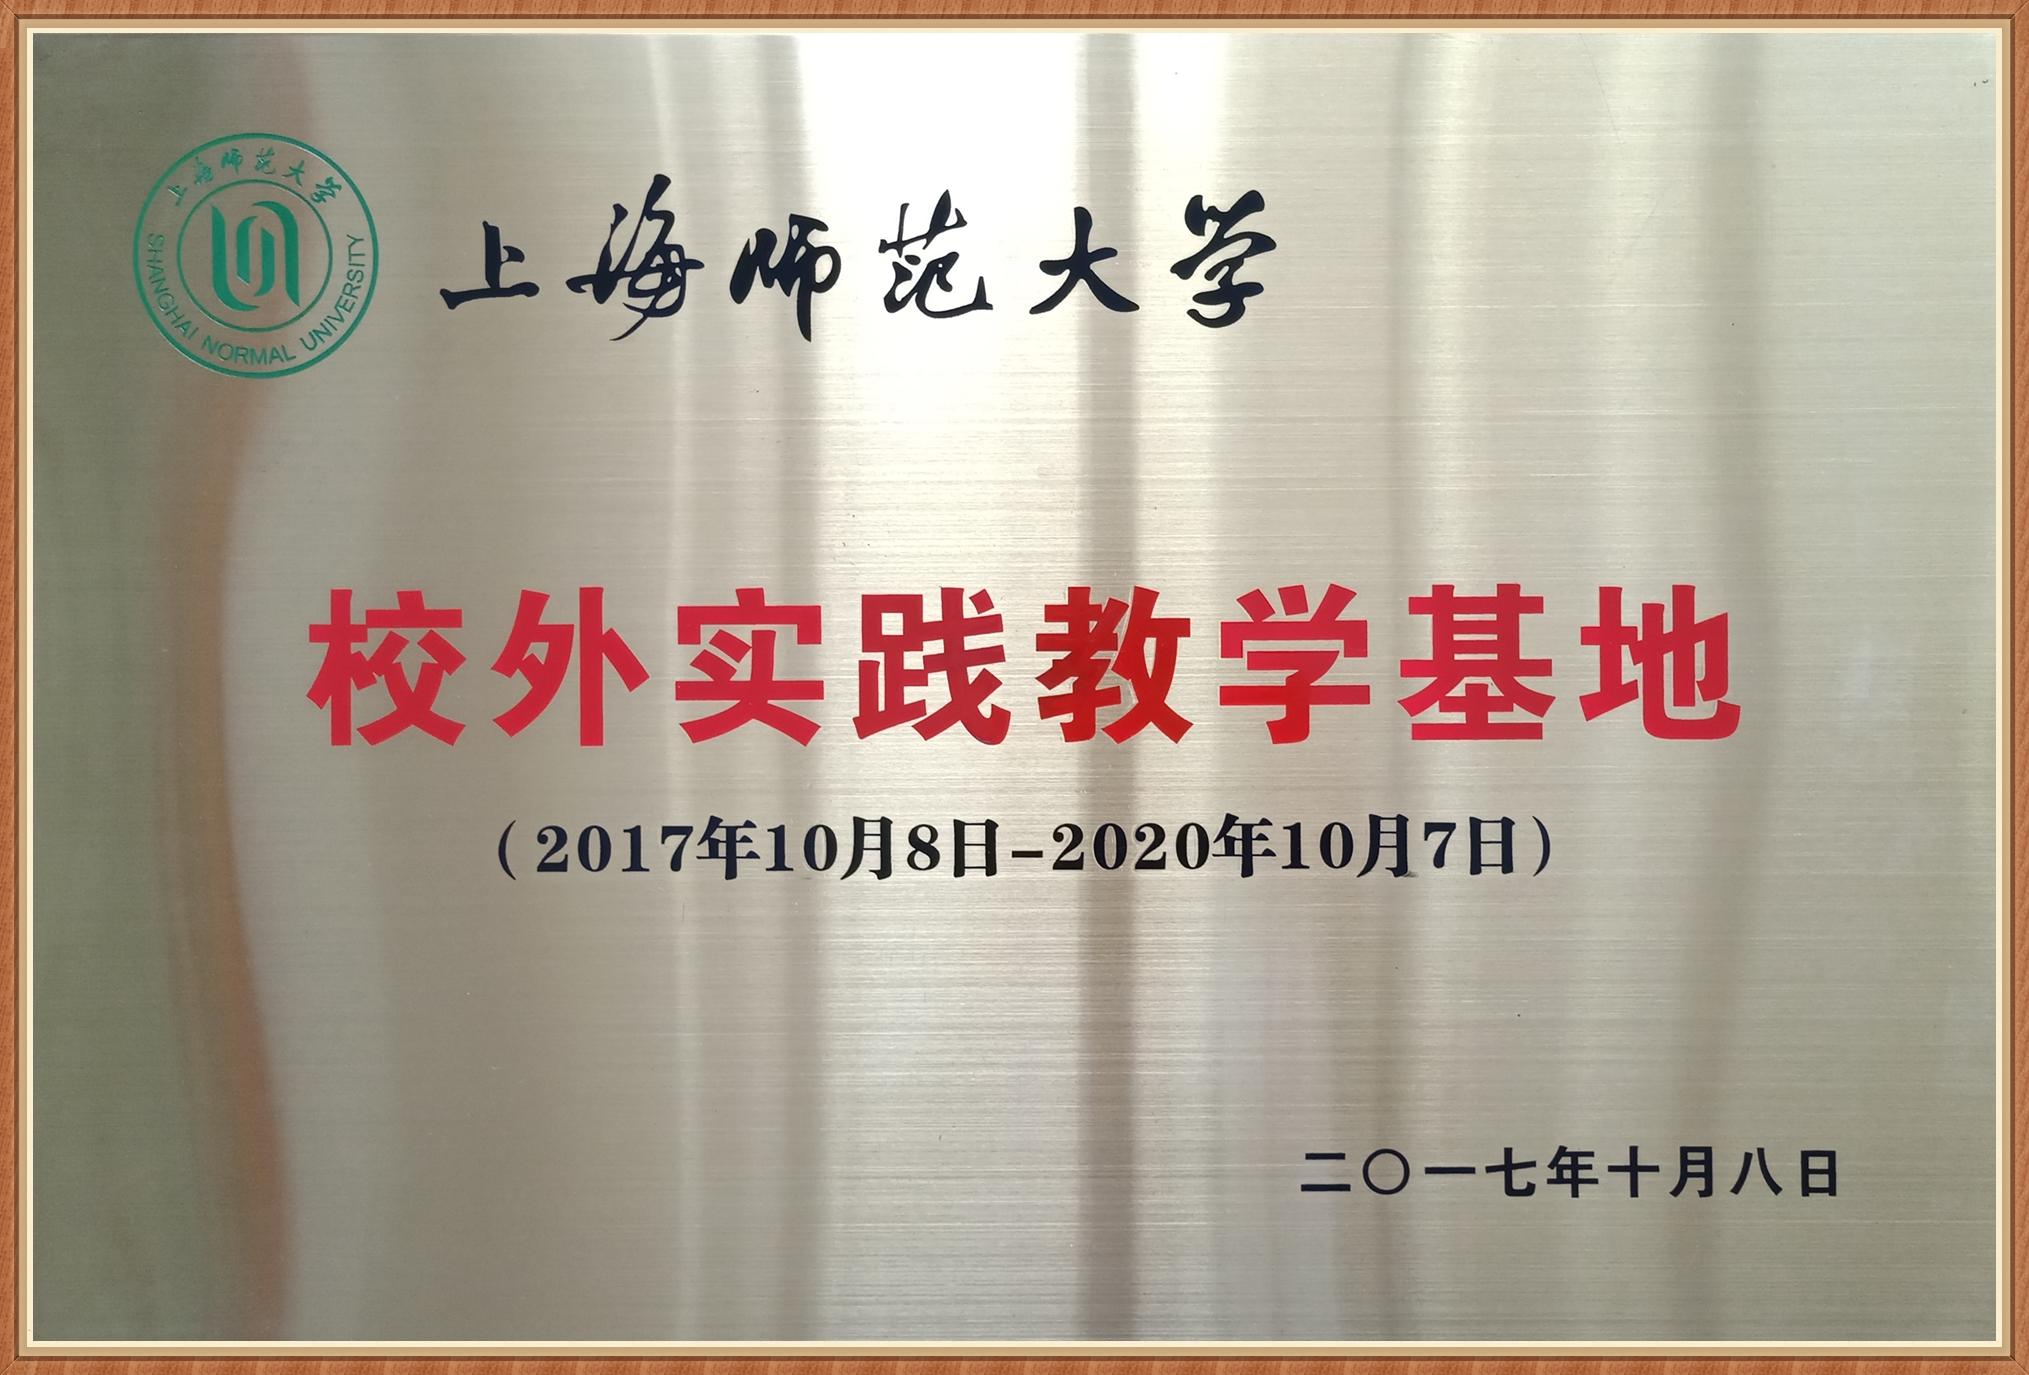 2017.10上海示范大学实龚基地